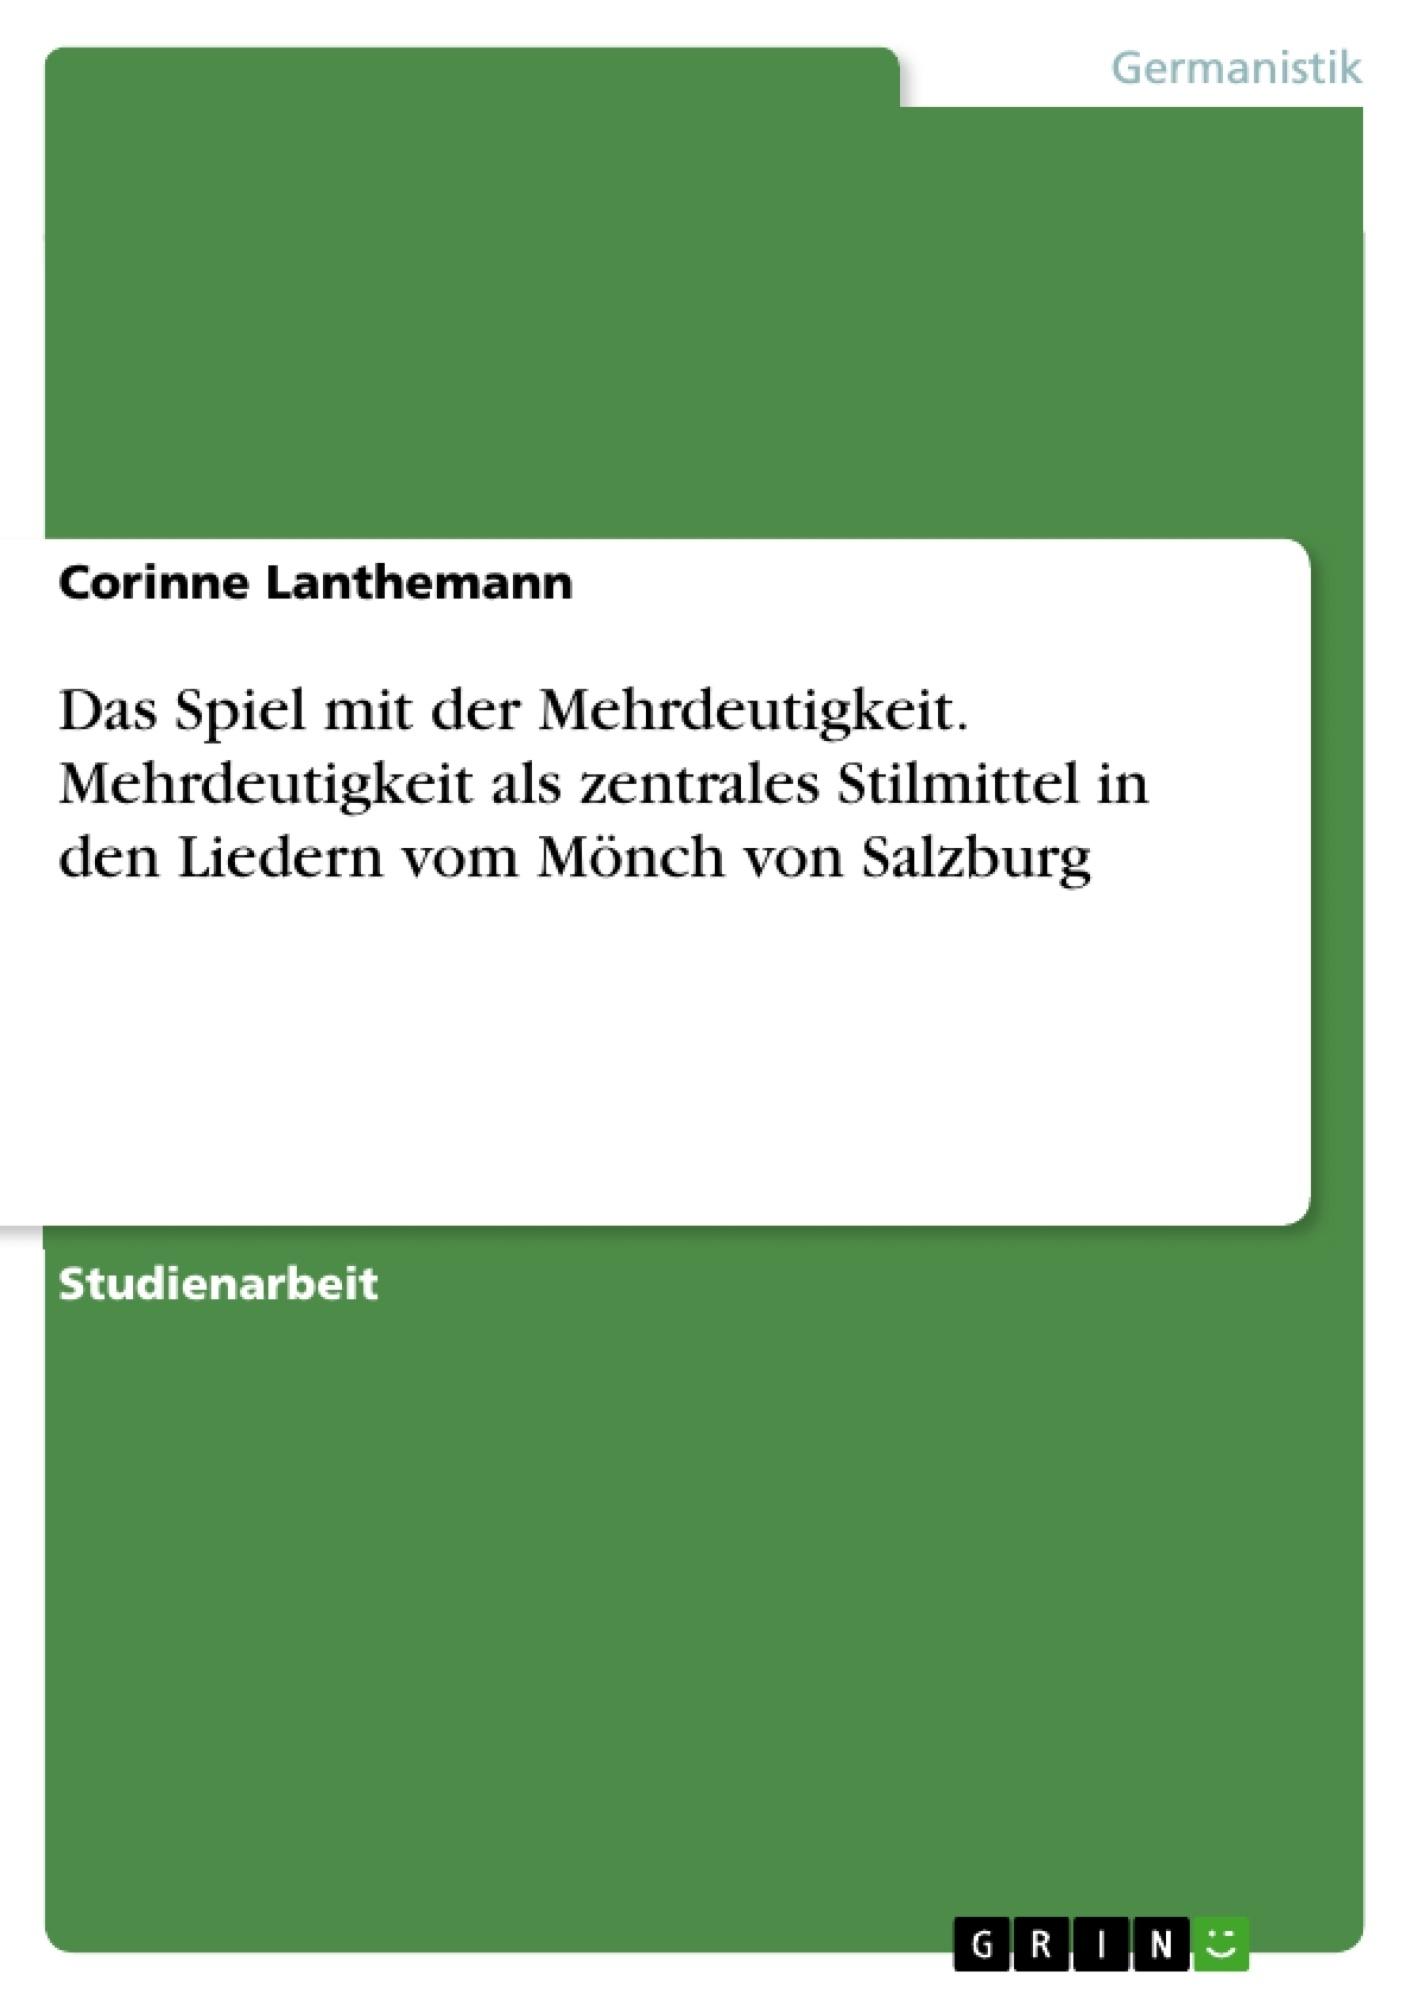 Titel: Das Spiel mit der Mehrdeutigkeit. Mehrdeutigkeit als zentrales Stilmittel in den Liedern vom Mönch von Salzburg